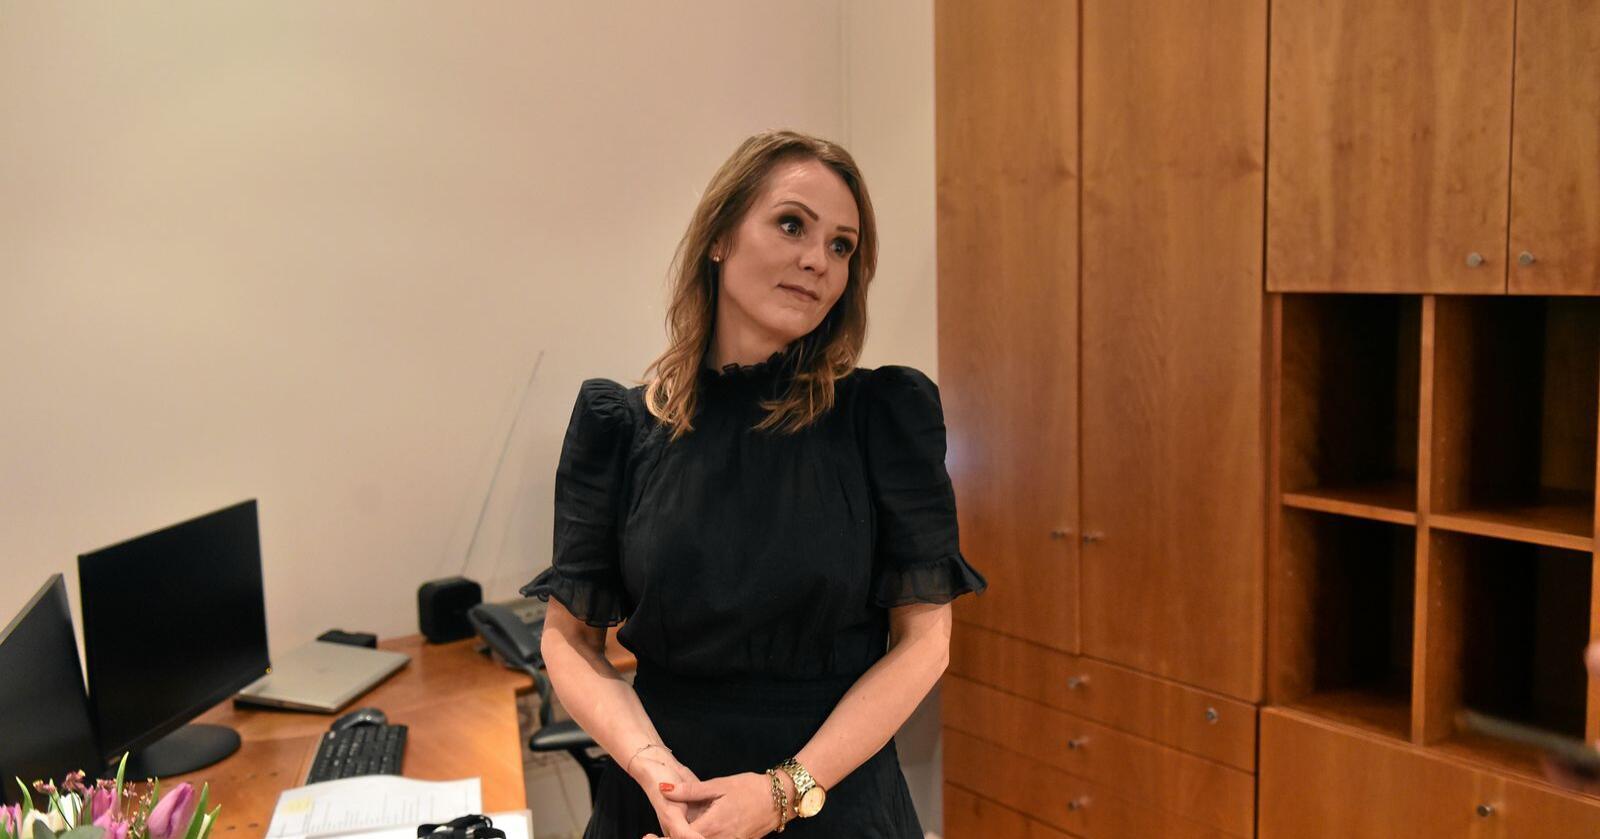 Minister: Linda Hofstad Helleland (H) vart i midten av januar utnemnt som distriktsminister. Foto: Fredrik Varfjell / NTB Scanpix